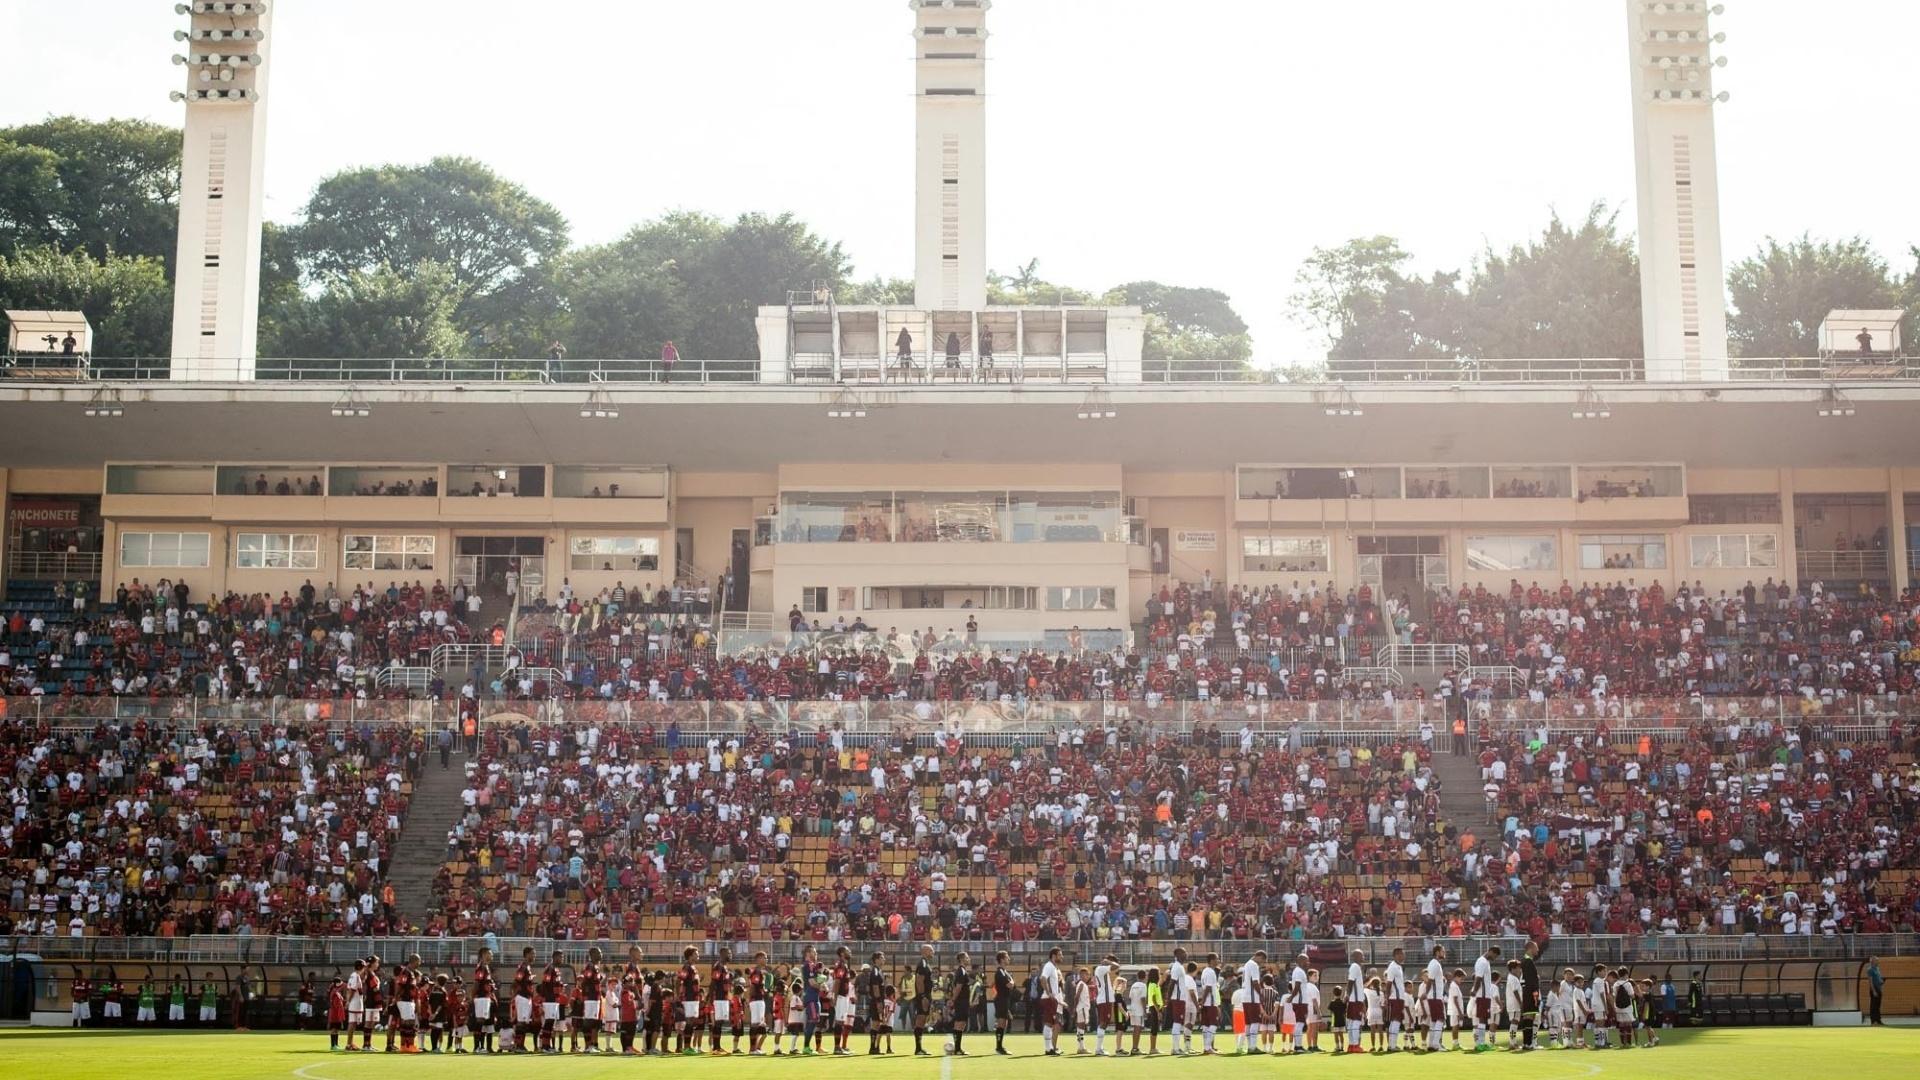 Jogadores de Flamengo e Fluminense se perfilam antes do início da partida no Pacaembu